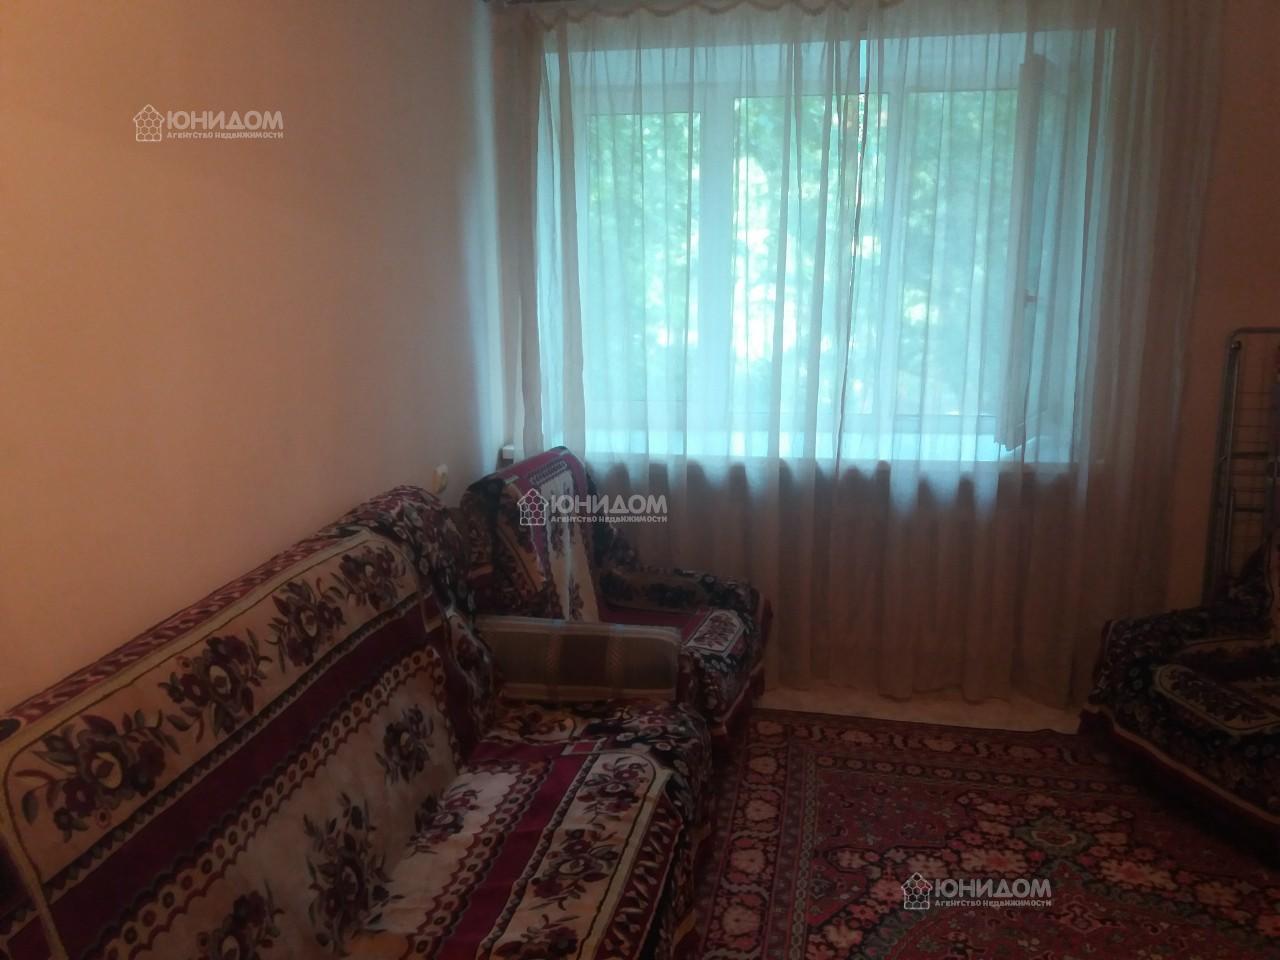 Продам 1-комн. квартиру по адресу Россия, Тюменская область, Тюмень, Республики 214 фото 1 по выгодной цене